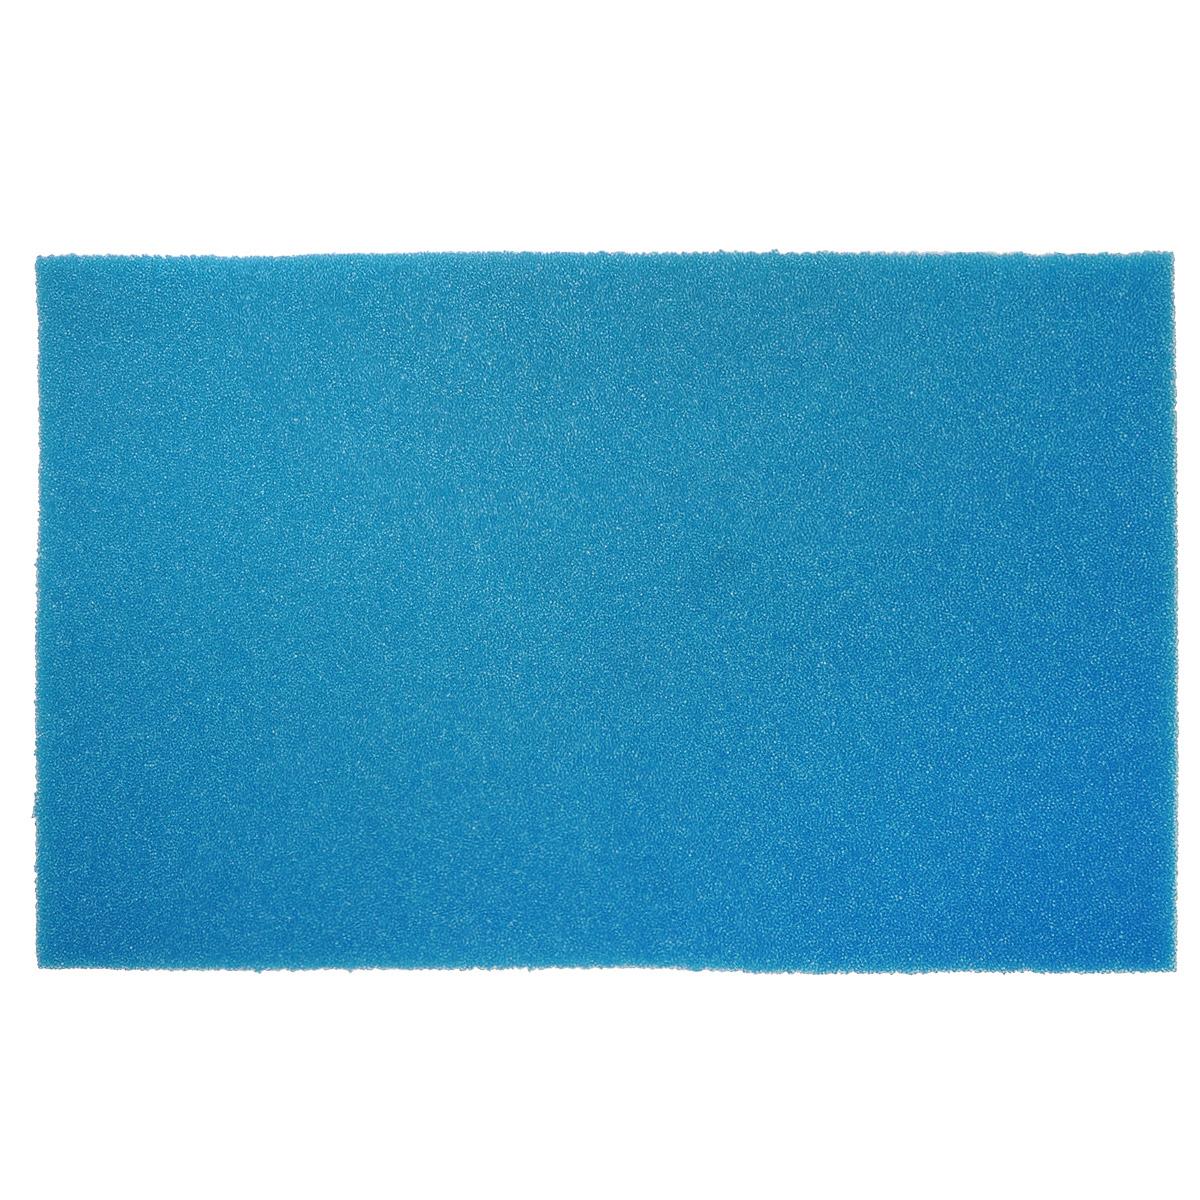 Коврик для хранения продуктов в холодильнике Eva, цвет: синий, 32 х 50 смЕ23Антибактериальный коврик Eva изготовлен из цветного пенополиуретана ииспользуется в контейнерах для хранения овощей и фруктов. Он обеспечит свежестьпродуктов в течение длительного времени, благодаря циркуляции воздуха междупродуктами и поверхностями холодильника. Ячеистая структура коврика предотвратитразмножение бактерий и образование плесени. Можно мыть в воде при температуре 30°С. Также изделие подходит в качестве коврика для сушки посуды.Размер: 32 см х 50 см.